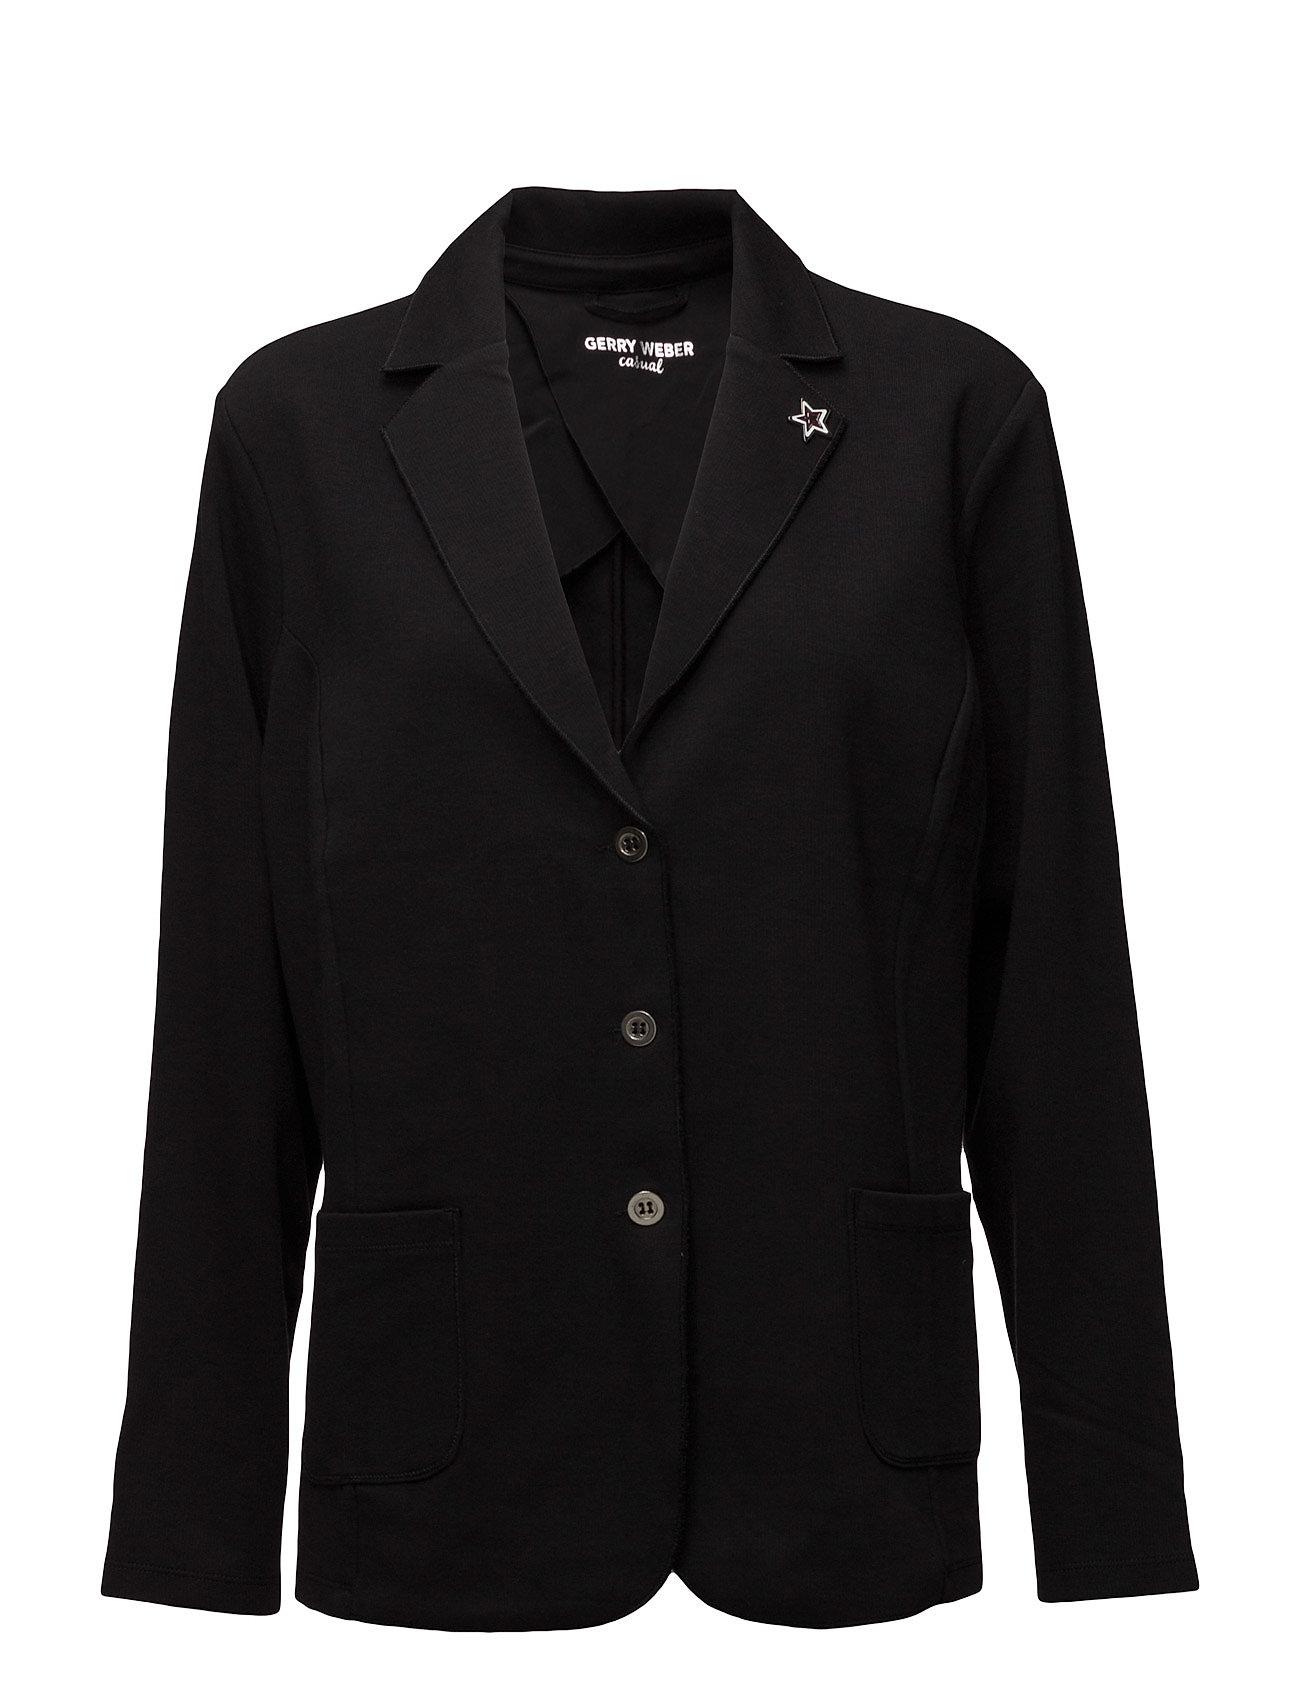 jacket knit fabrics black kr gerry weber edition. Black Bedroom Furniture Sets. Home Design Ideas